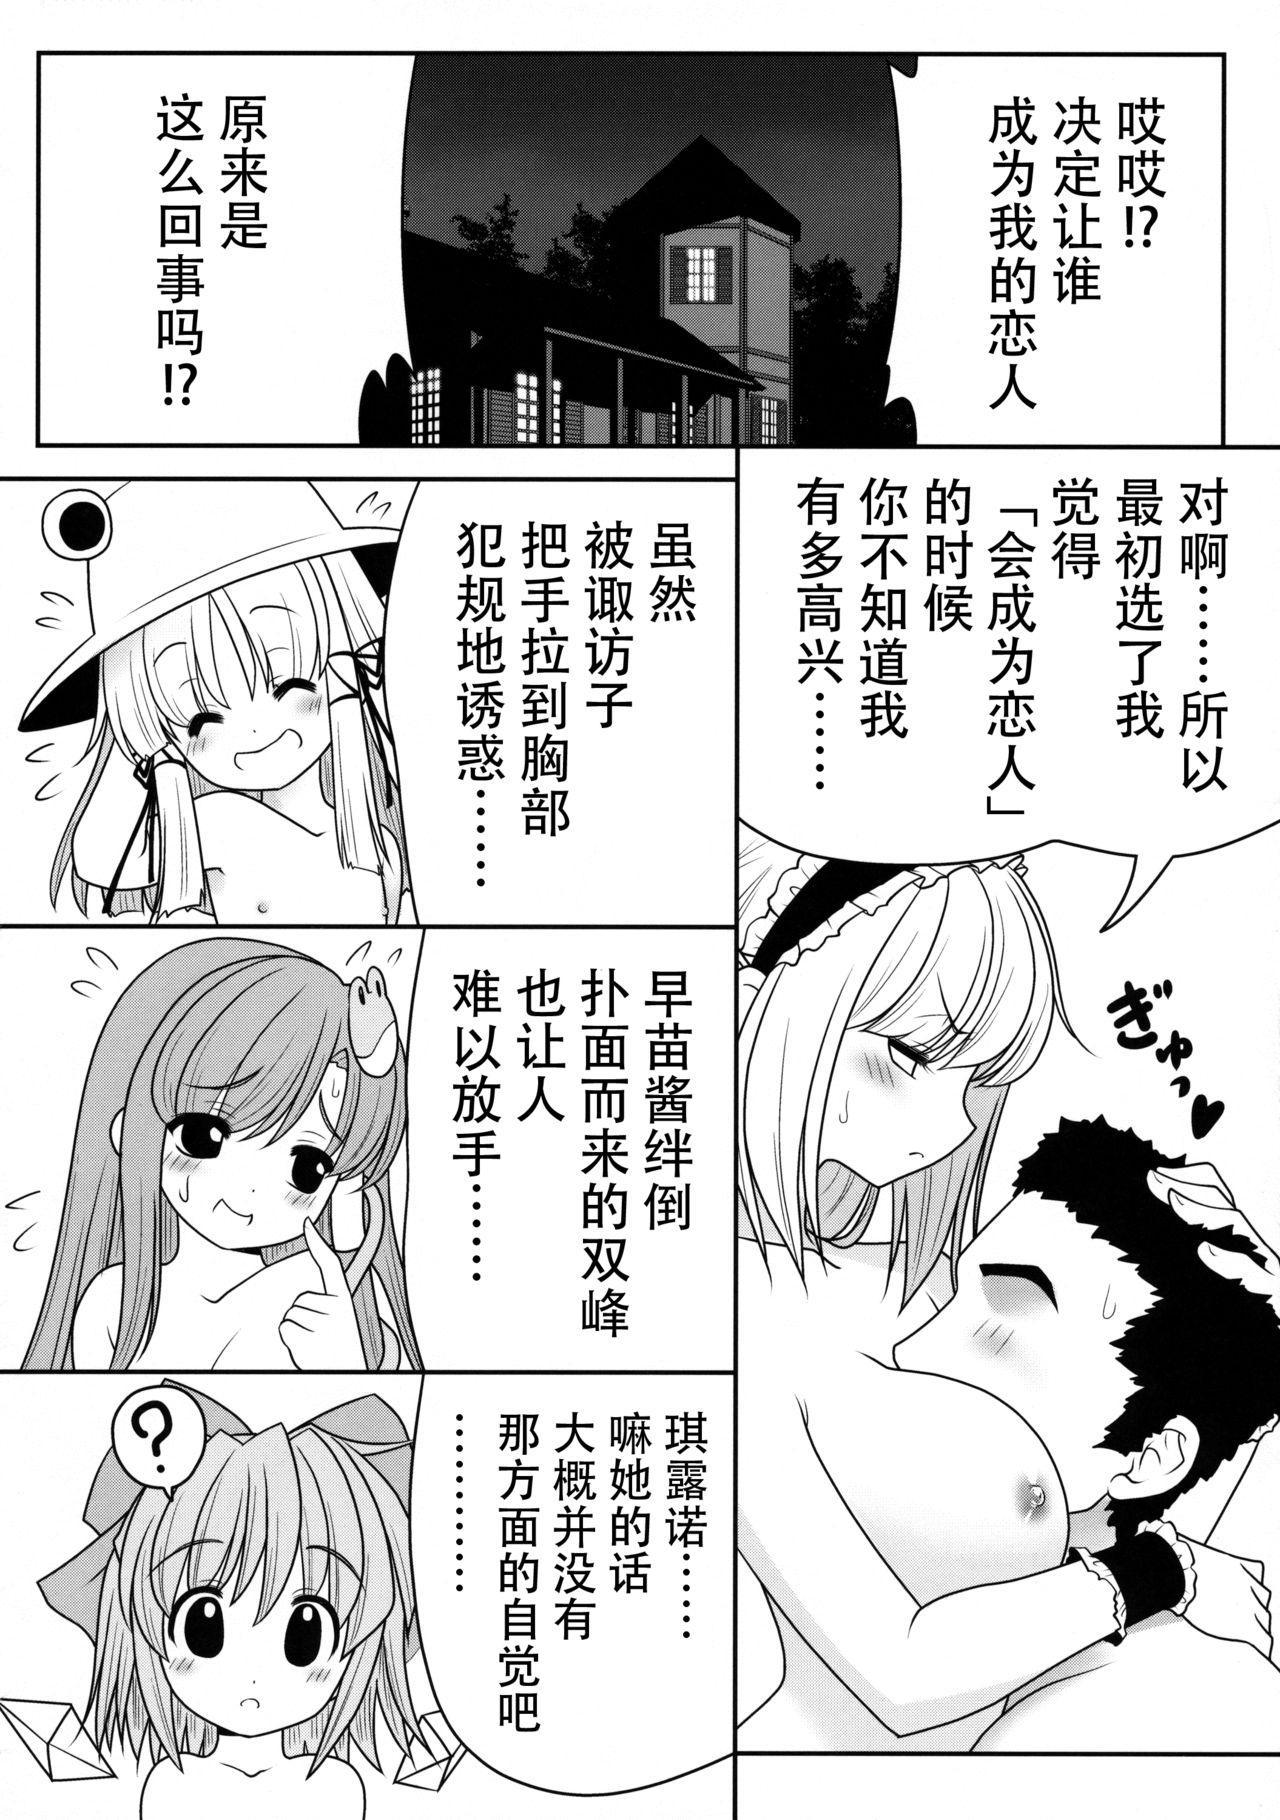 Watashi o H no Aite ni Erande kudasai! 27